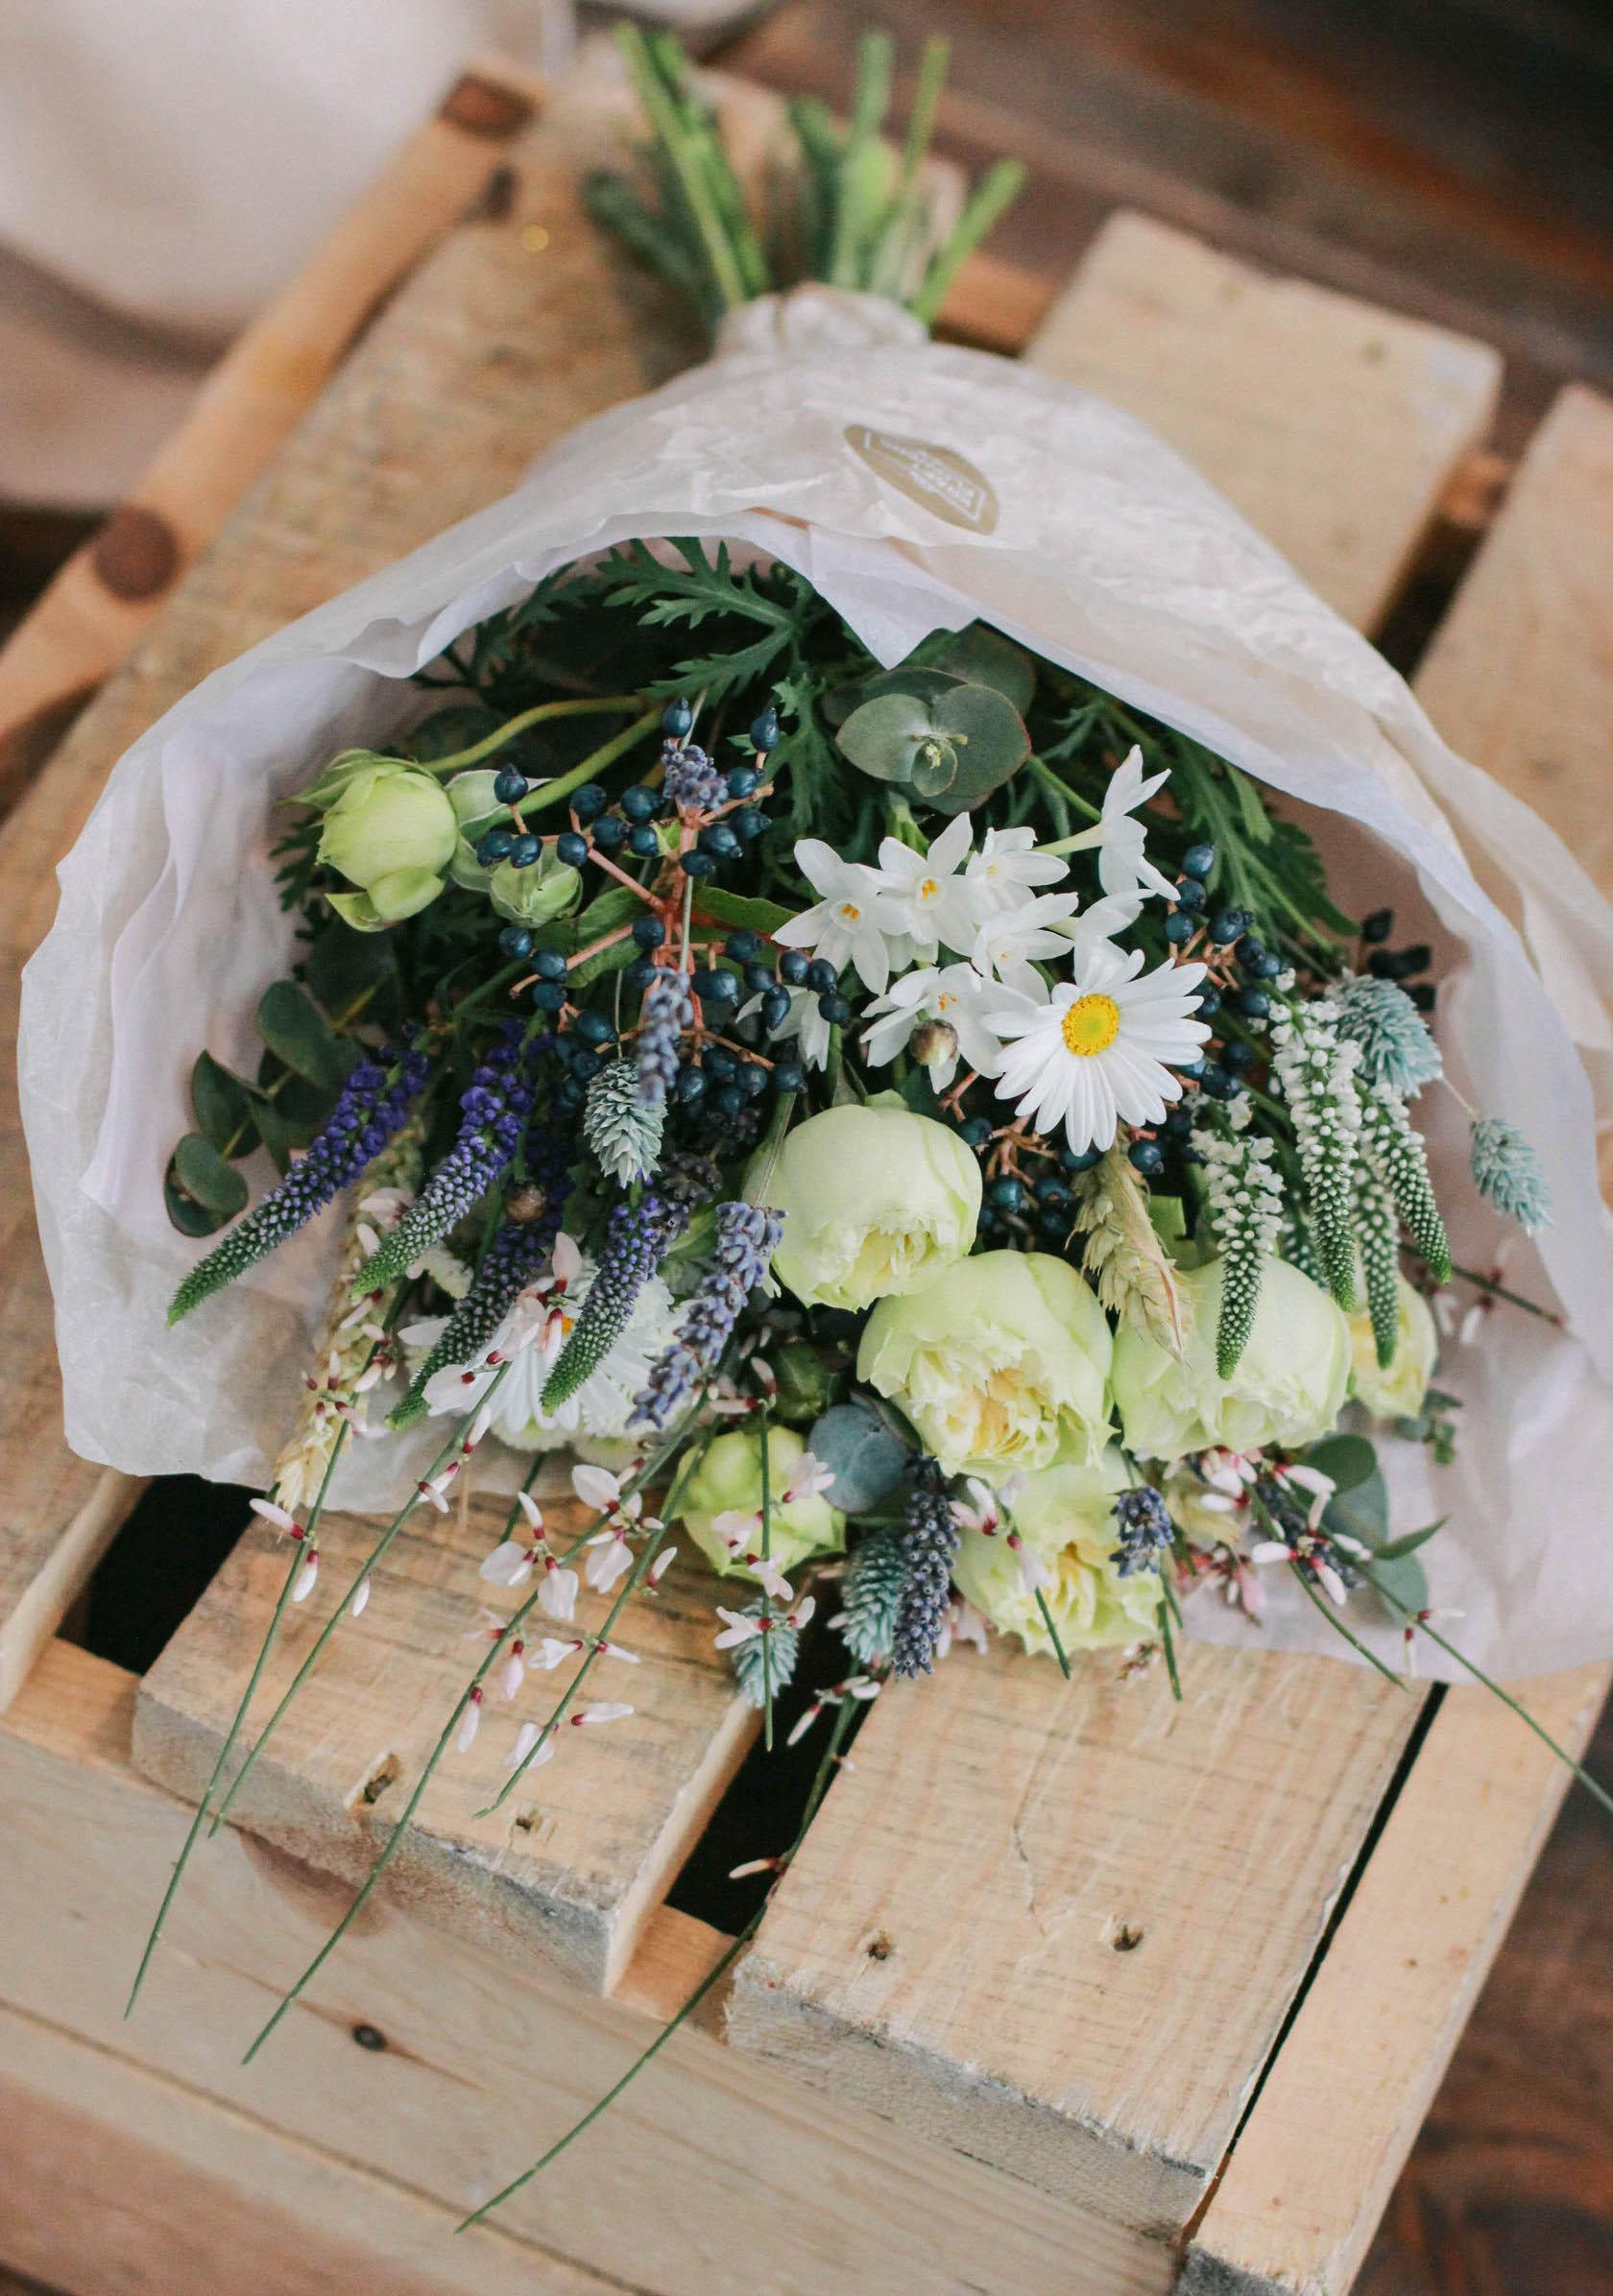 Срочная ночная доставка цветов новосибирск, букет белых роз купить москва